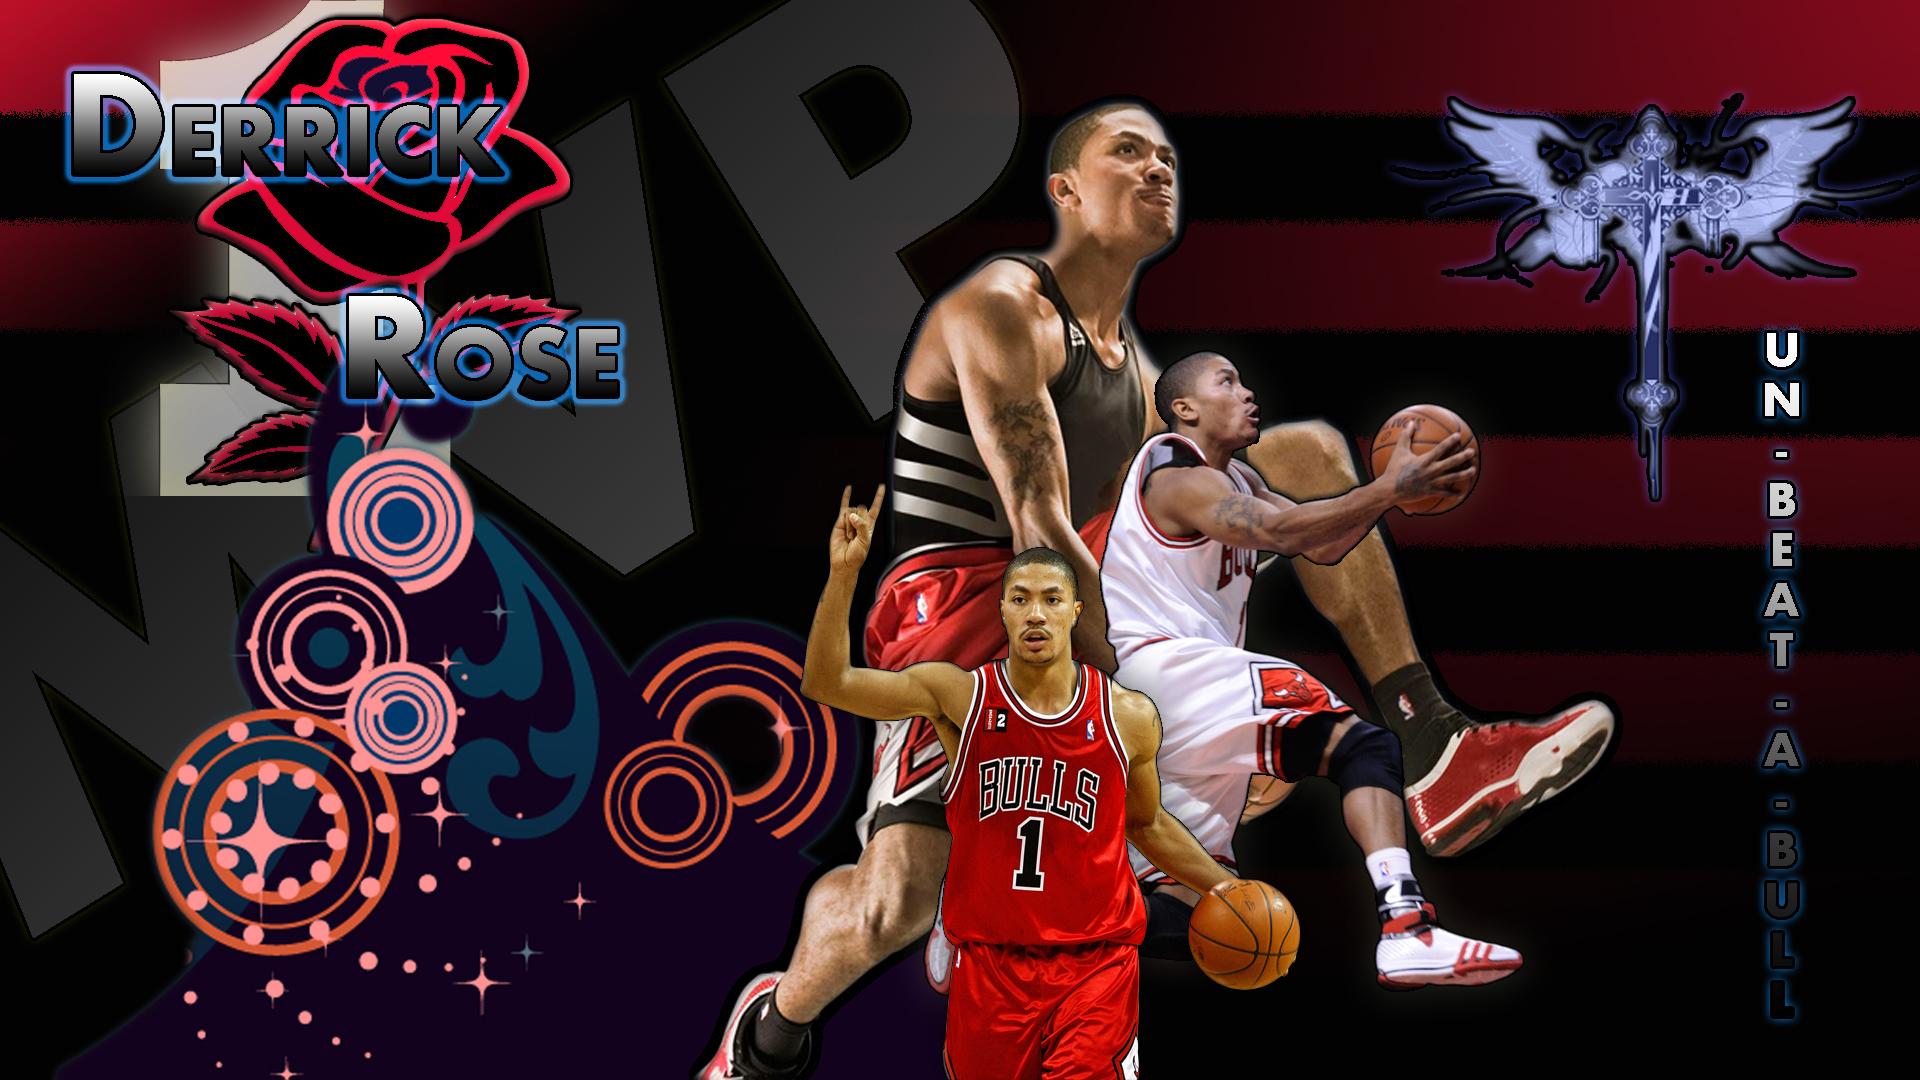 Derrick Rose MVP by duyvu2 1920x1080